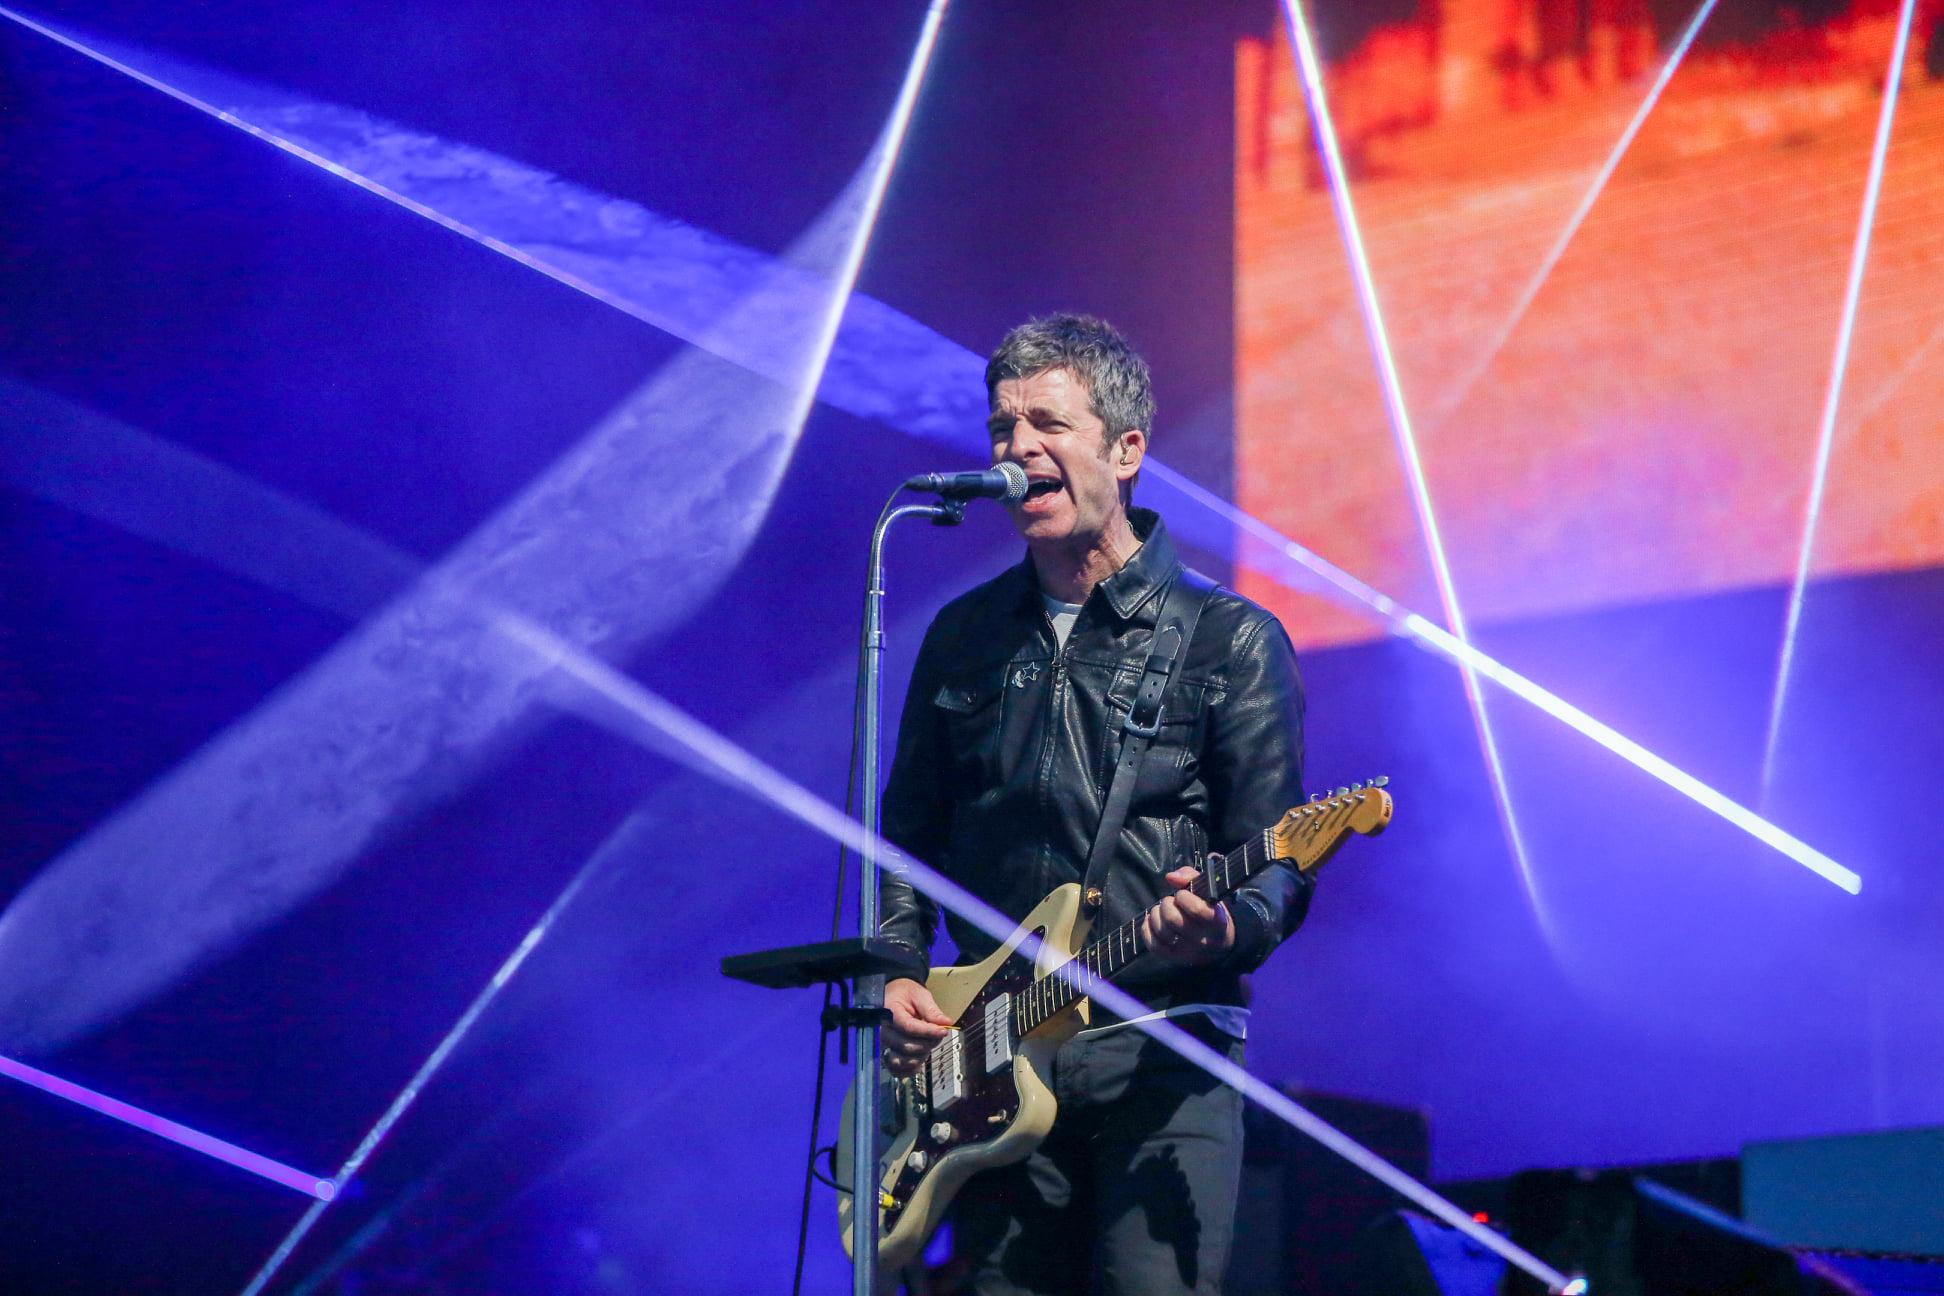 """Musica Internazionale, Nuove Uscite. Noel Gallagher lancia """"Wandering Star"""", singolo che 'suona' Oasis"""